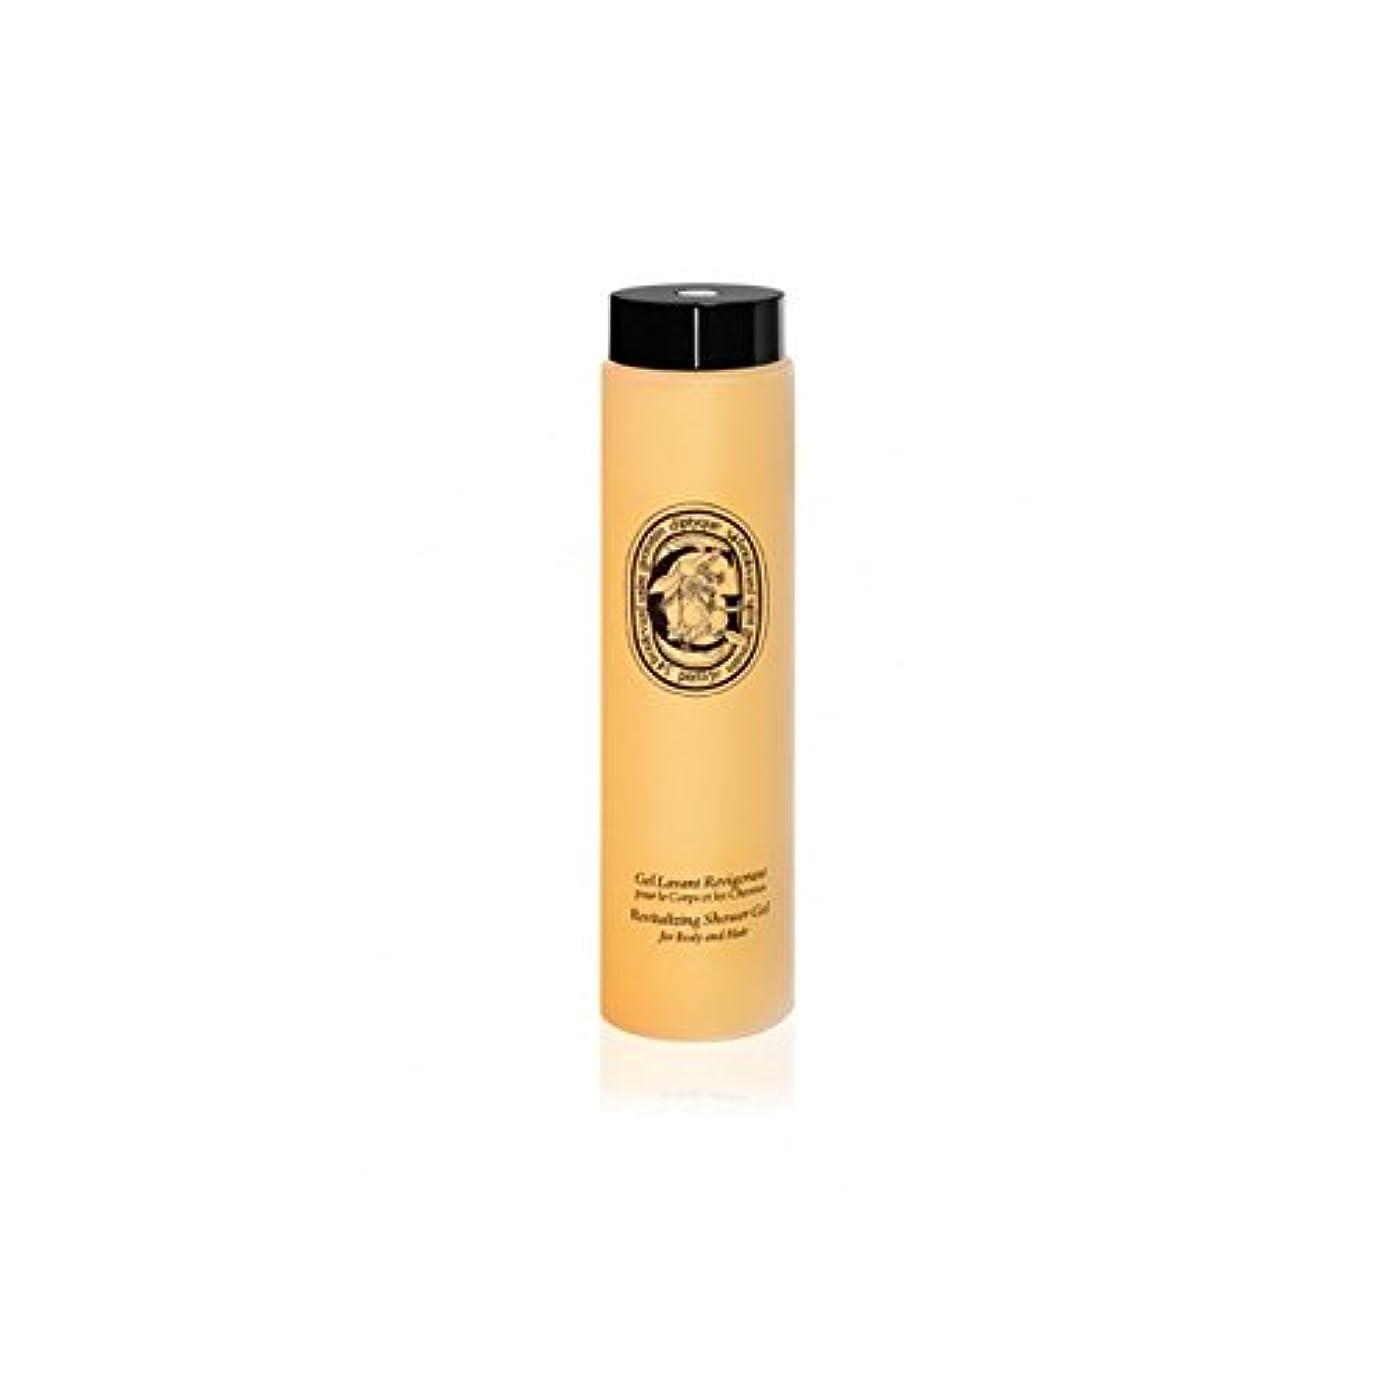 恐れプロフェッショナル慰めボディ、ヘア200ミリリットルのためDiptyqueのリバイタライジングシャワージェル - Diptyque Revitalizing Shower Gel For Body And Hair 200ml (Diptyque) [並行輸入品]